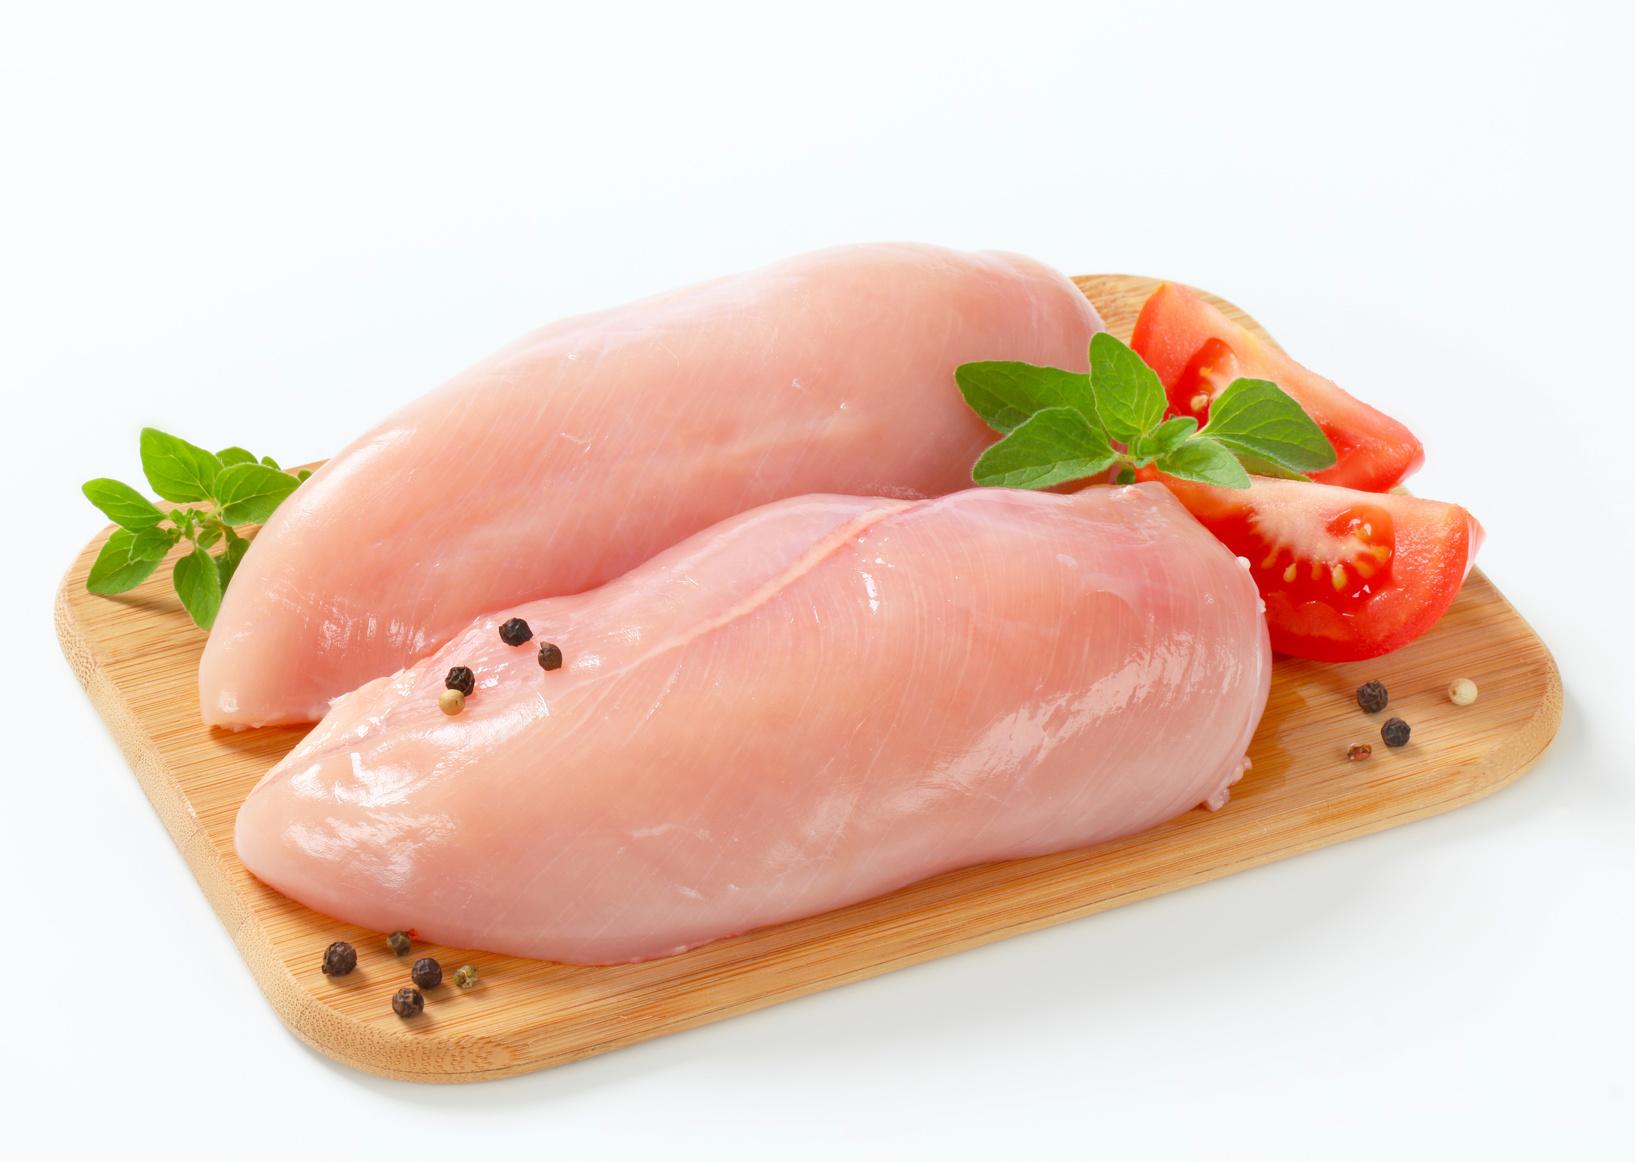 Sağlıklı Tavuk Eti Nasıl Anlaşılır?